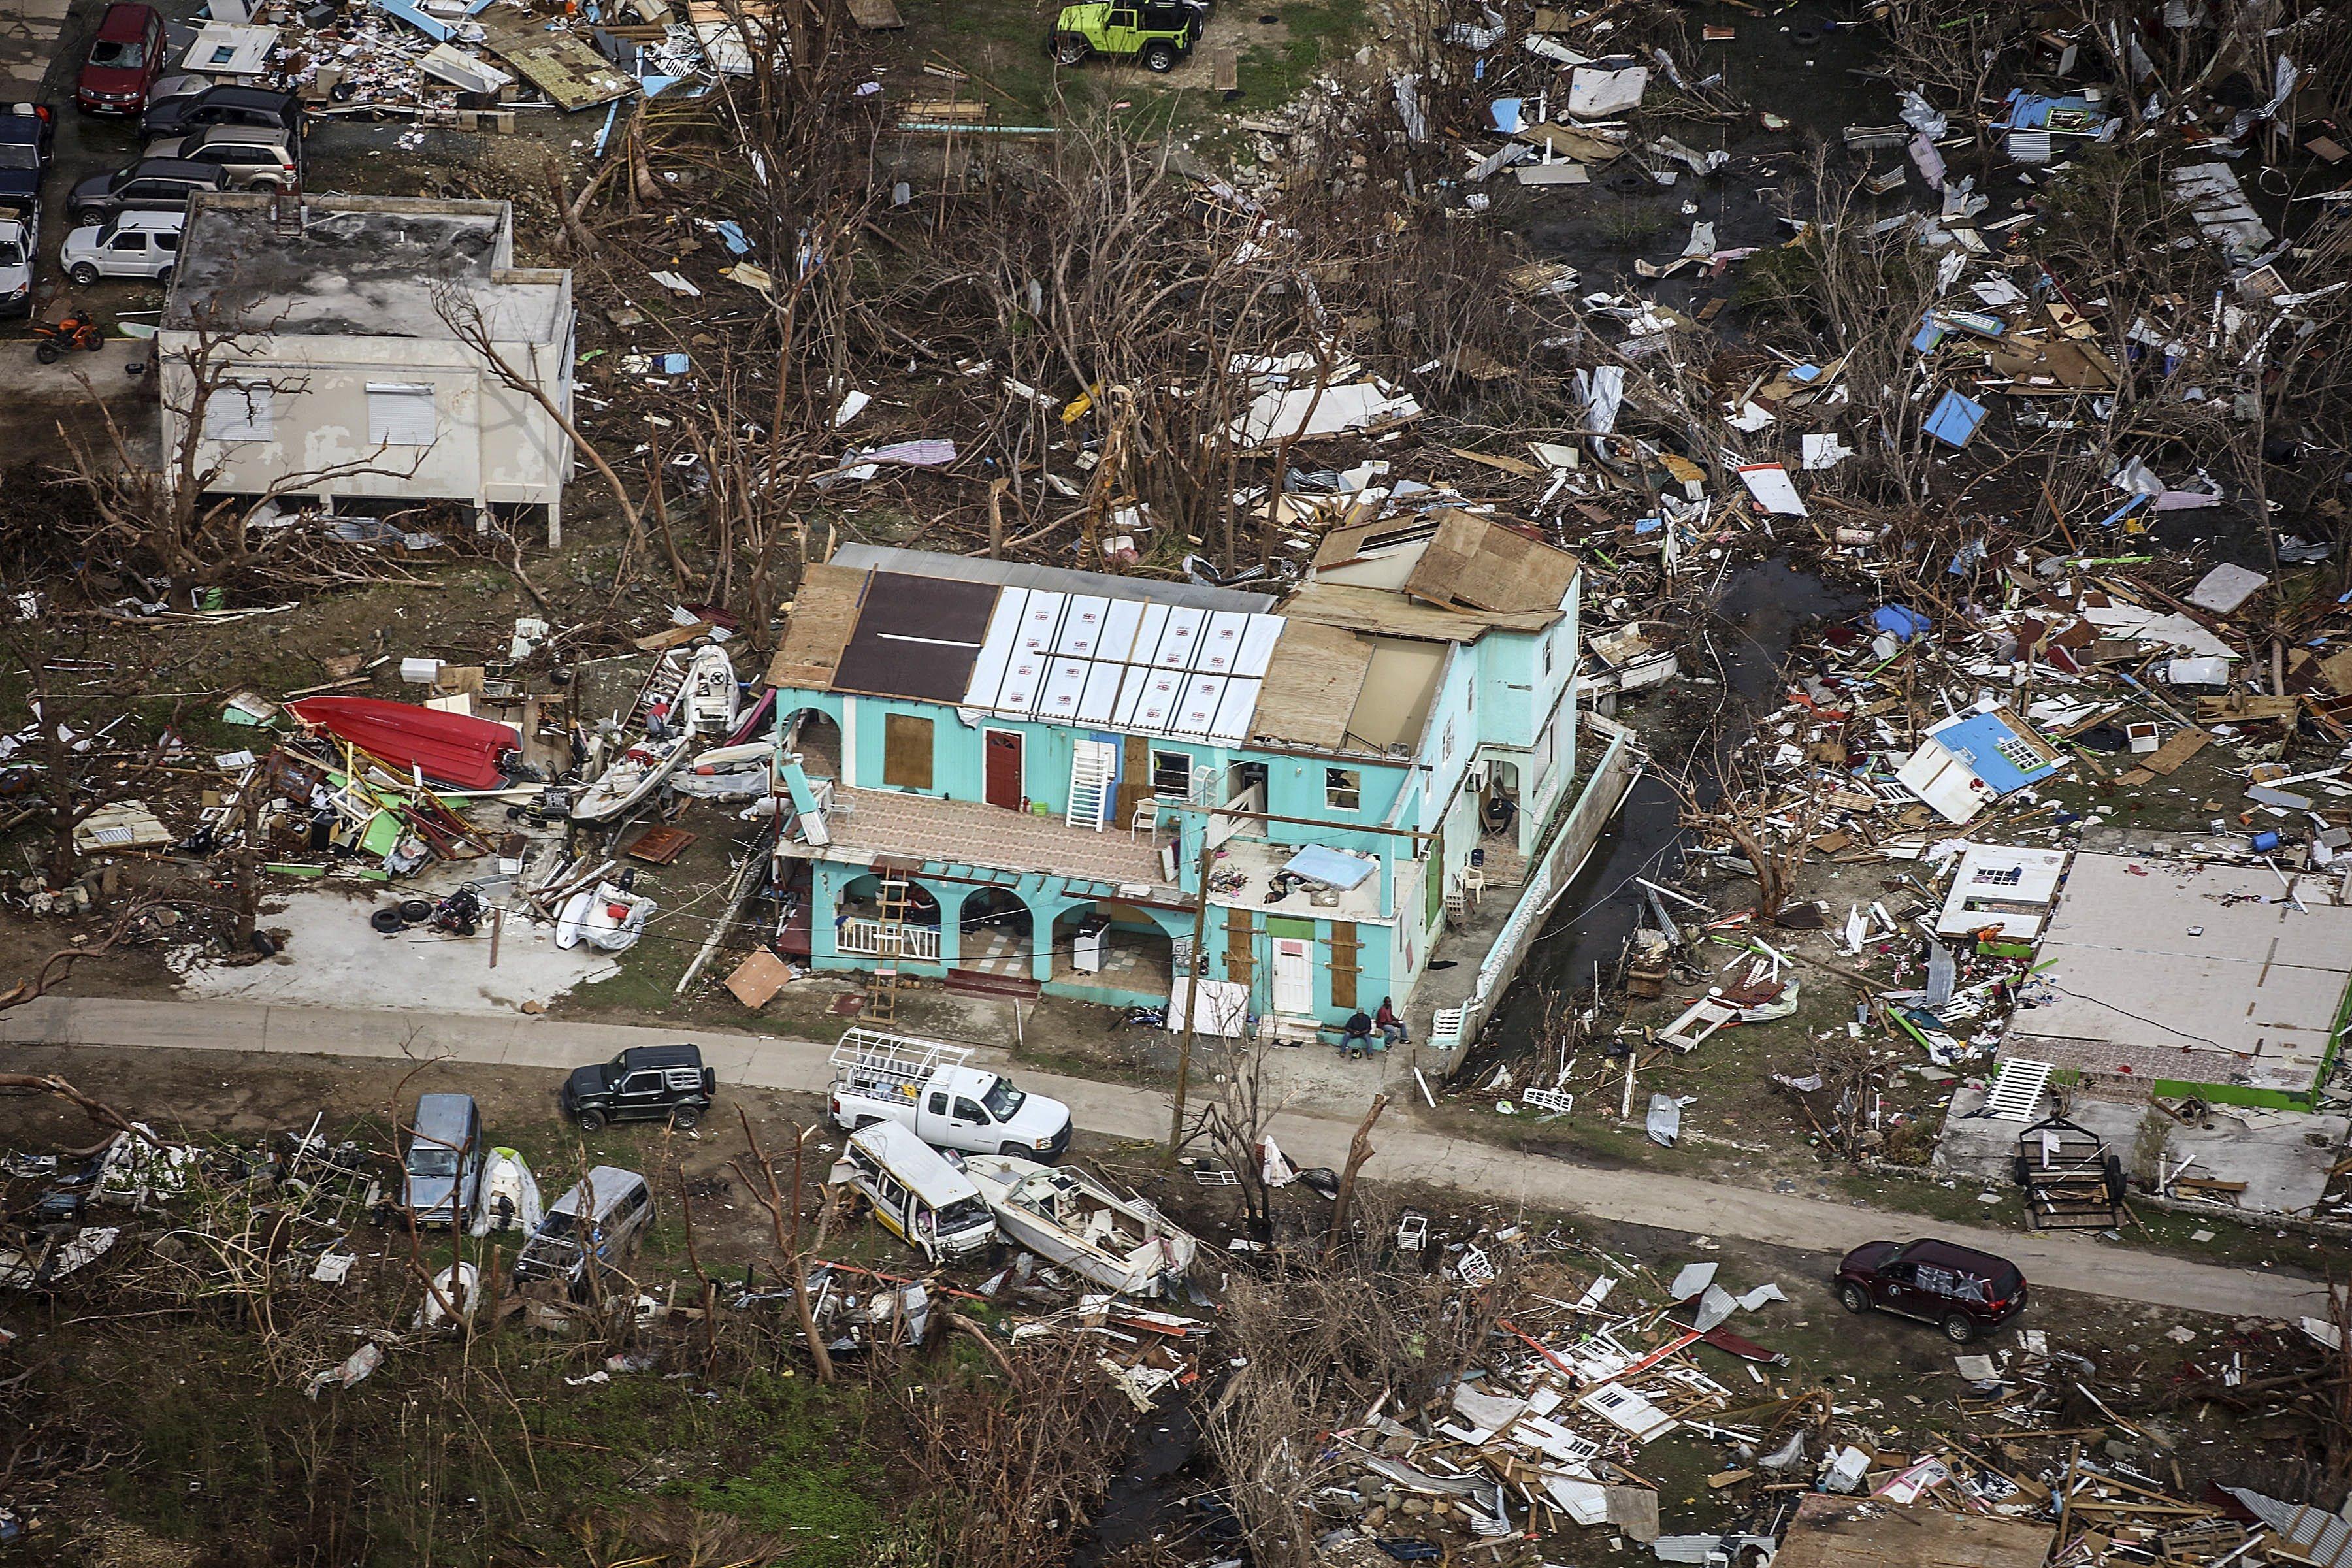 Comencen les tasques de reconstrucció de les Illes Vergues britàniques després del pas de l'huracà Irma. /JOEL ROUSE